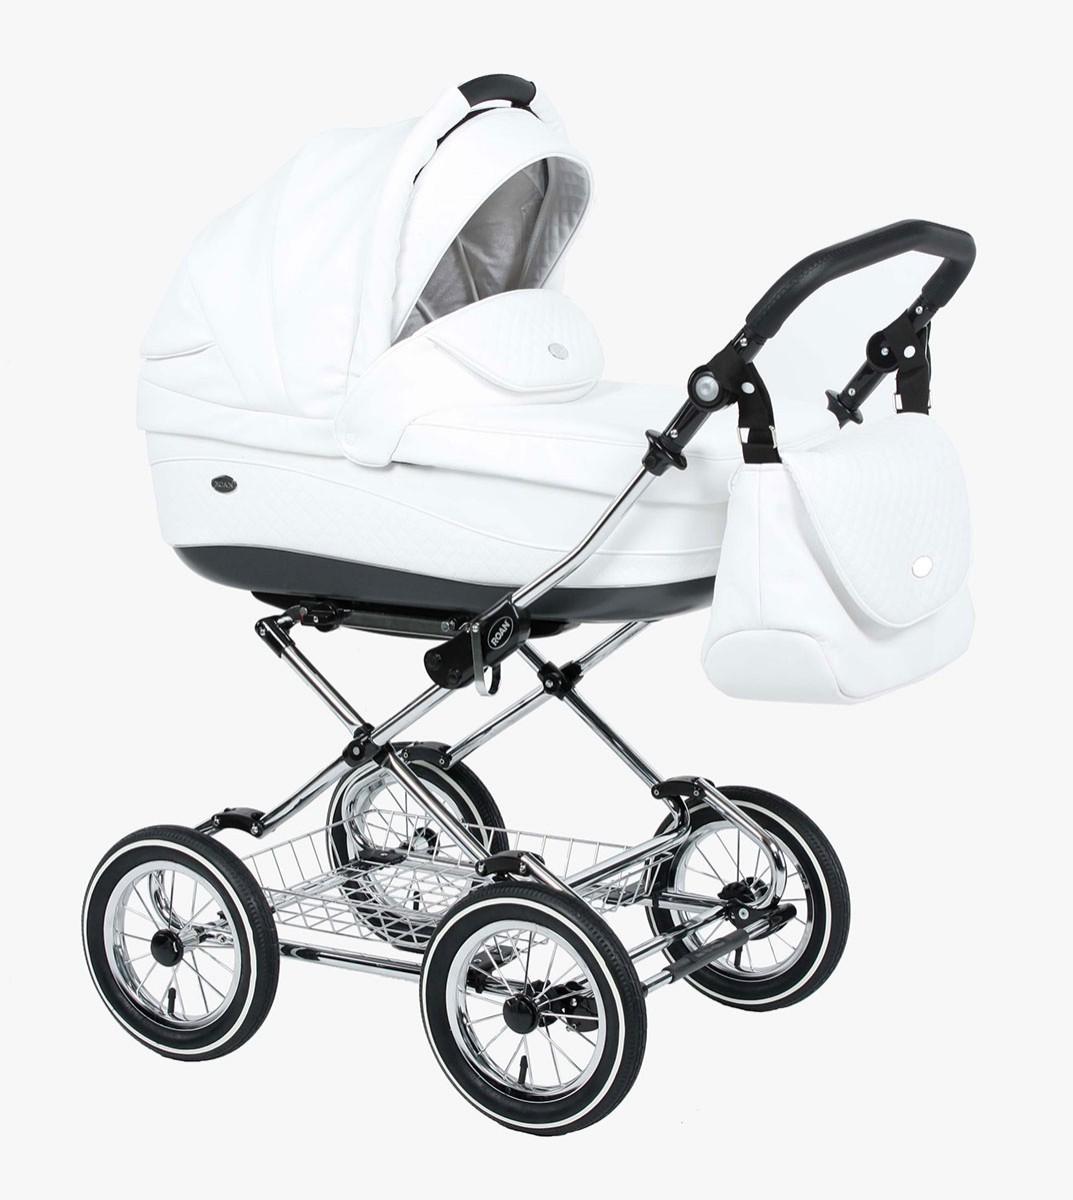 Детская коляска для новорожденных 2 в 1, Roan Emma - Роан Эмма, новинка, самая модная коляска для новорожденных, модные коляски 2018, купить коляску для новорожденного, детские коляски роан, детские коляски roan, Roan Emma, Роан Эмма